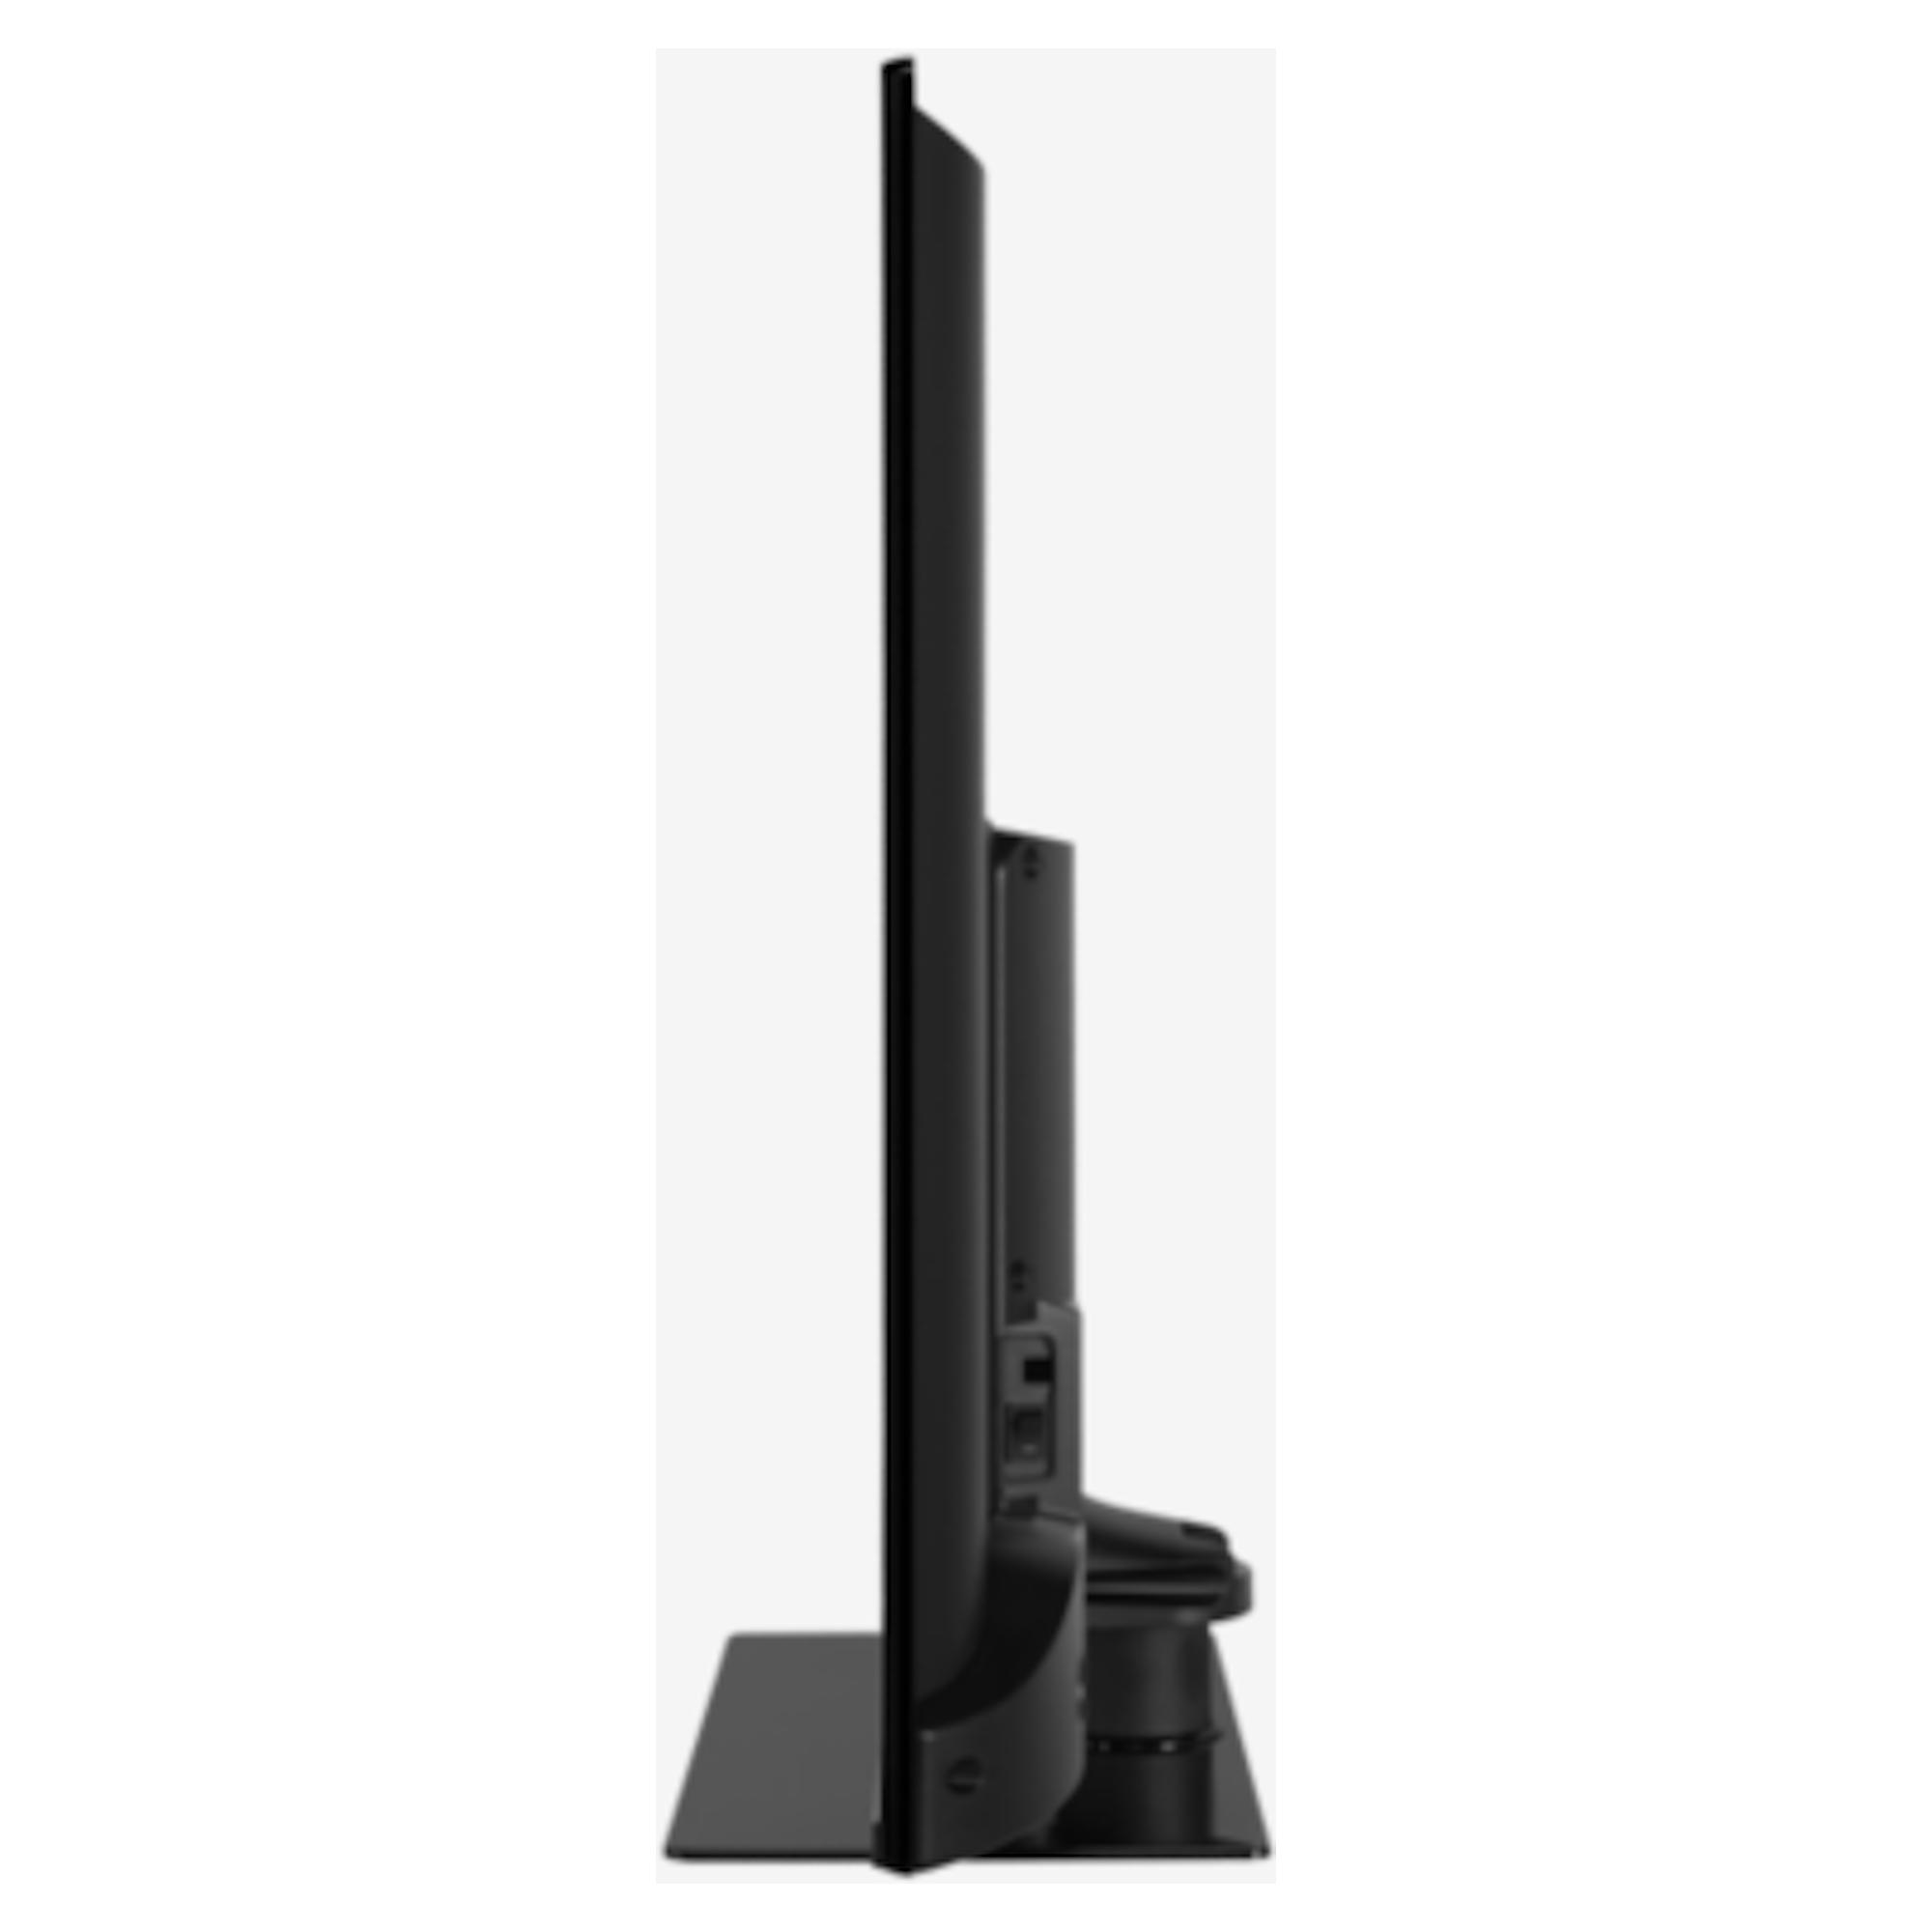 Panasonic TX50HX600B 50 LED 4K HDR Android TV